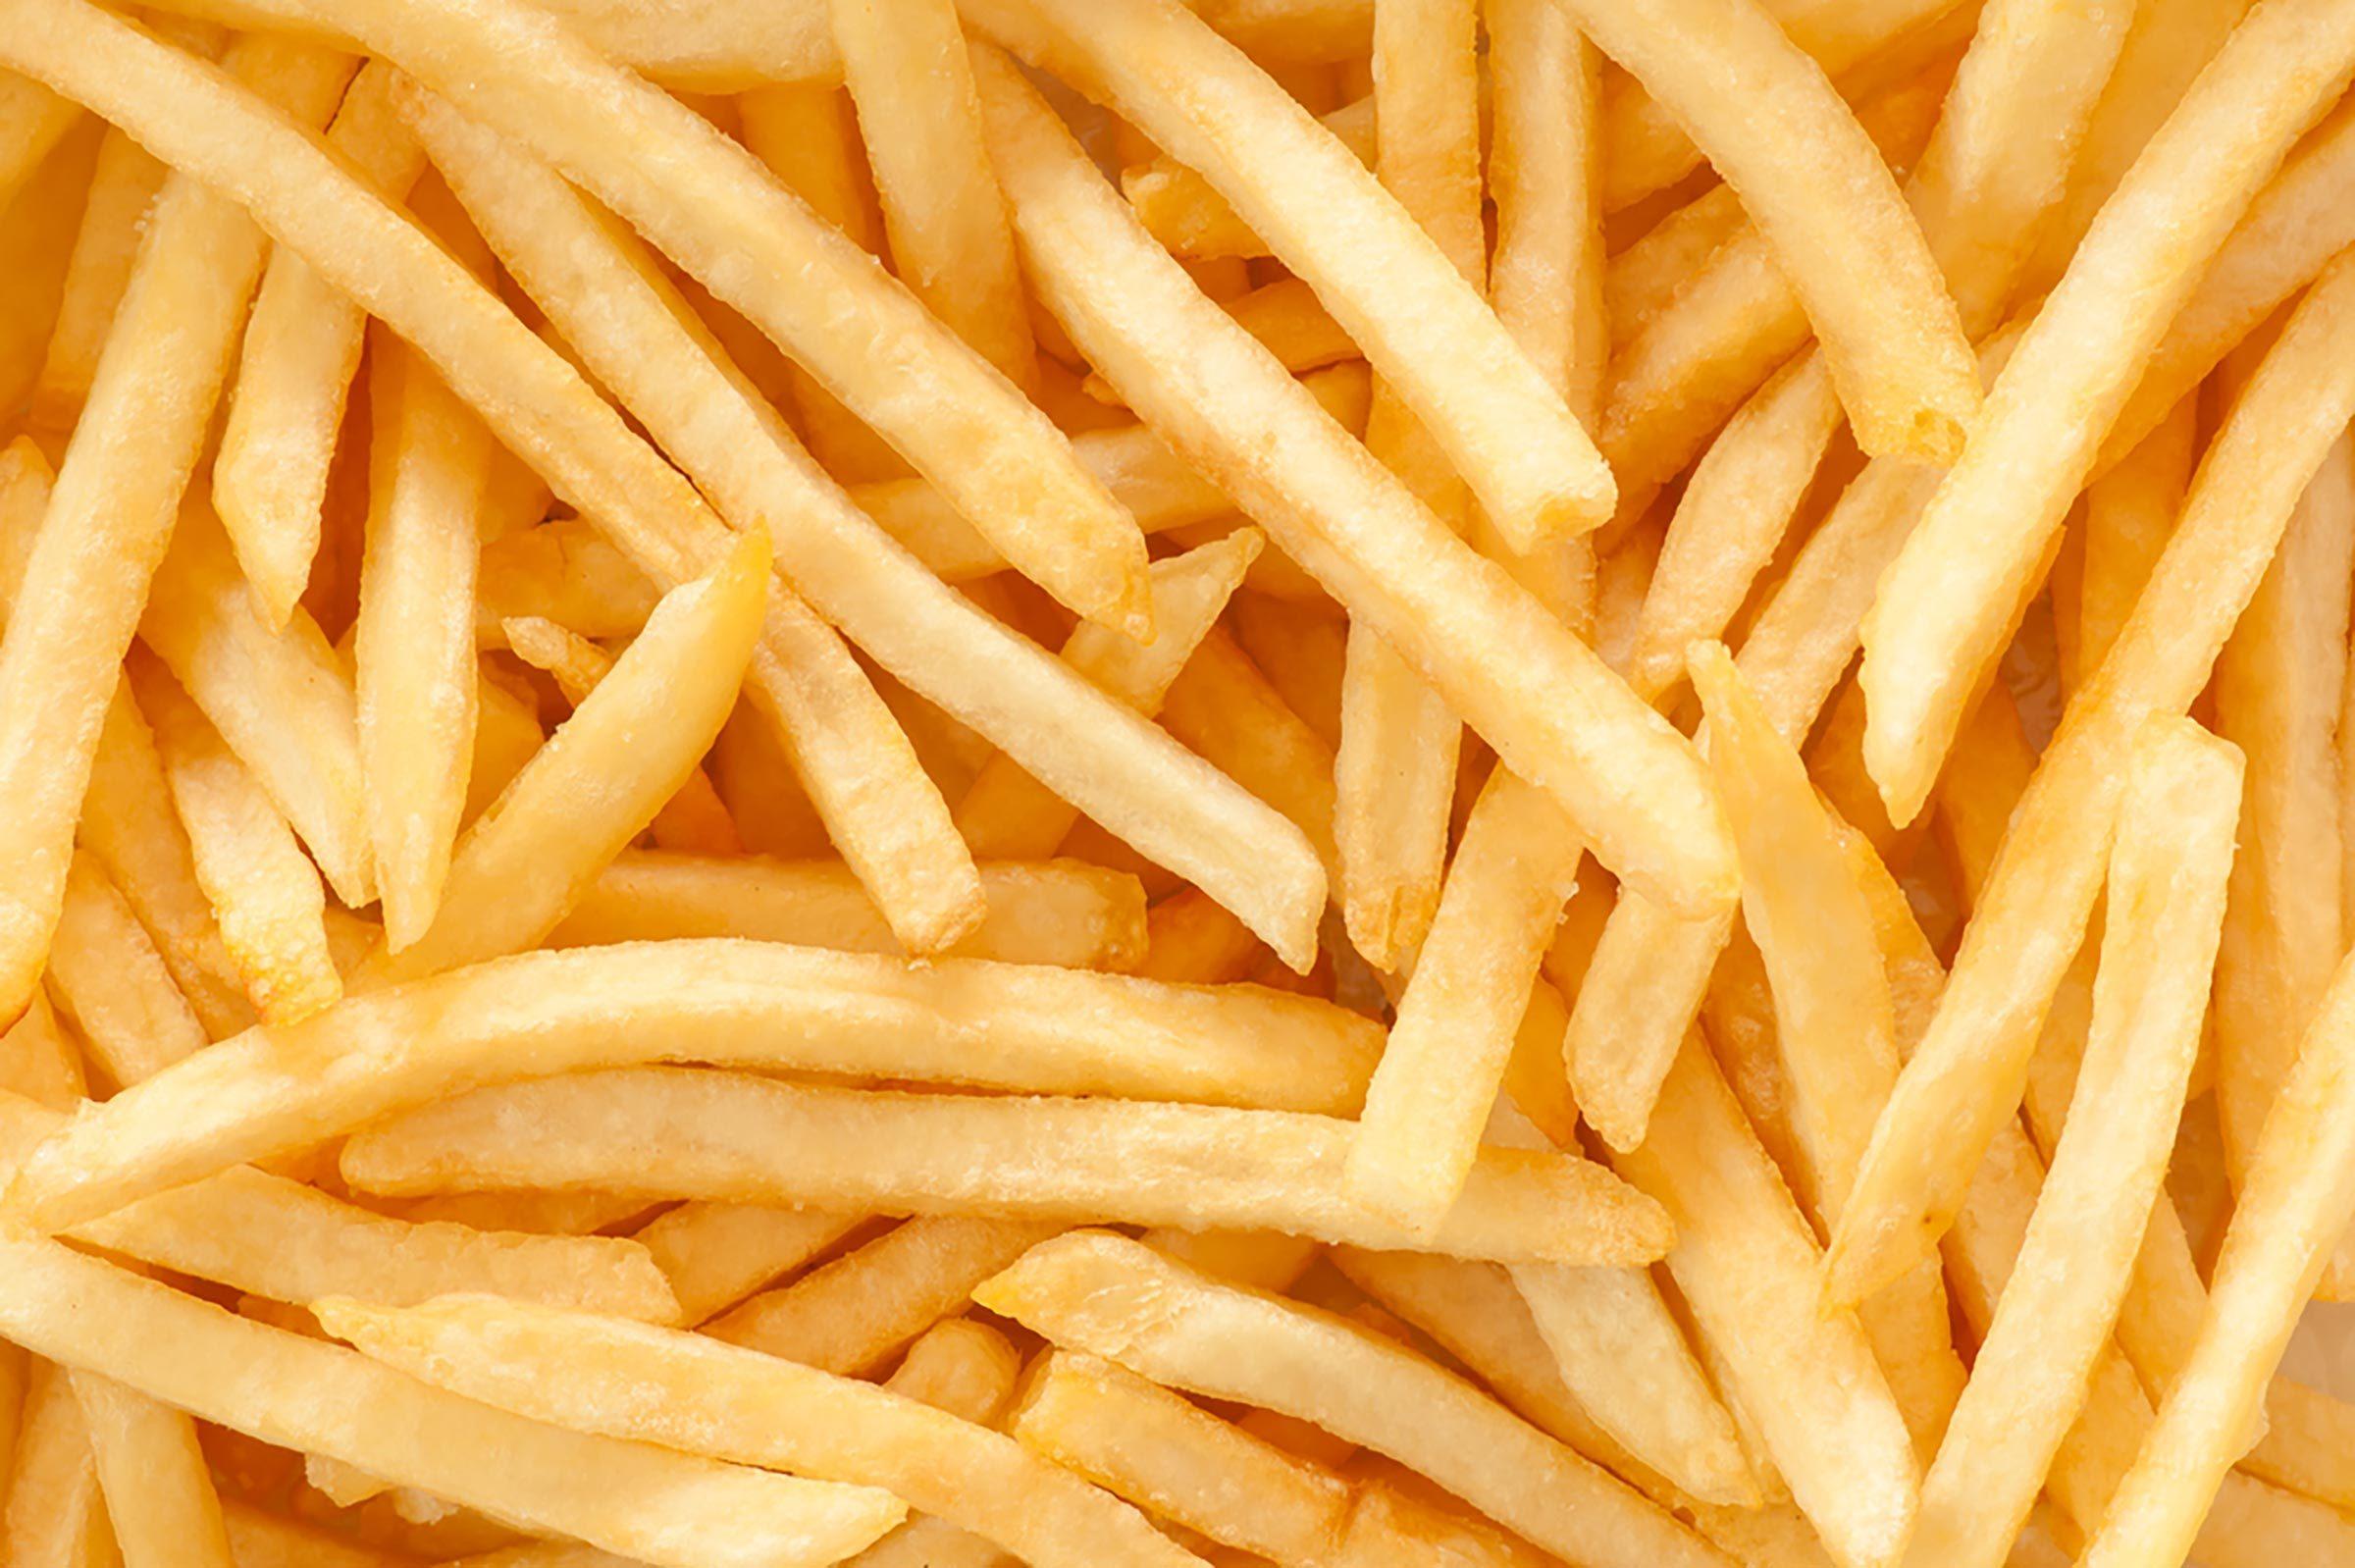 Conseil santé : avoir une tolérance zéro pour les « mauvais » aliments